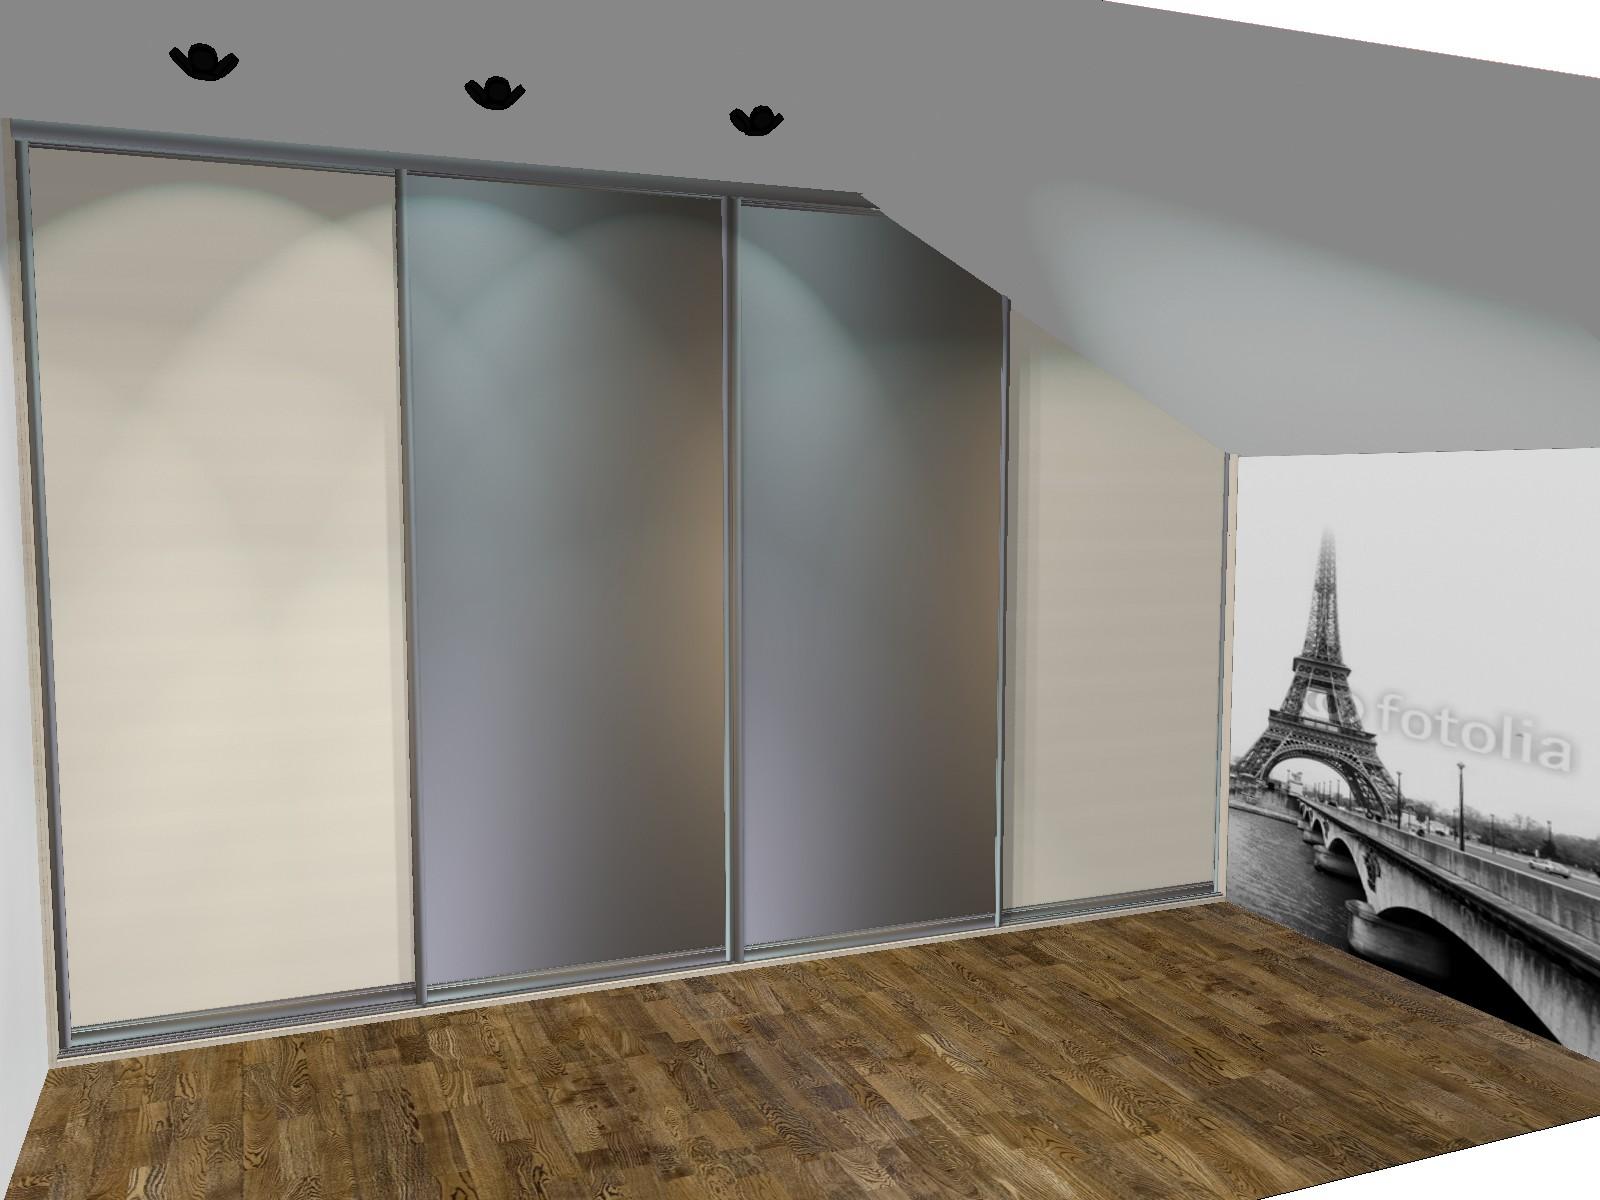 projekty szafy wnękowe